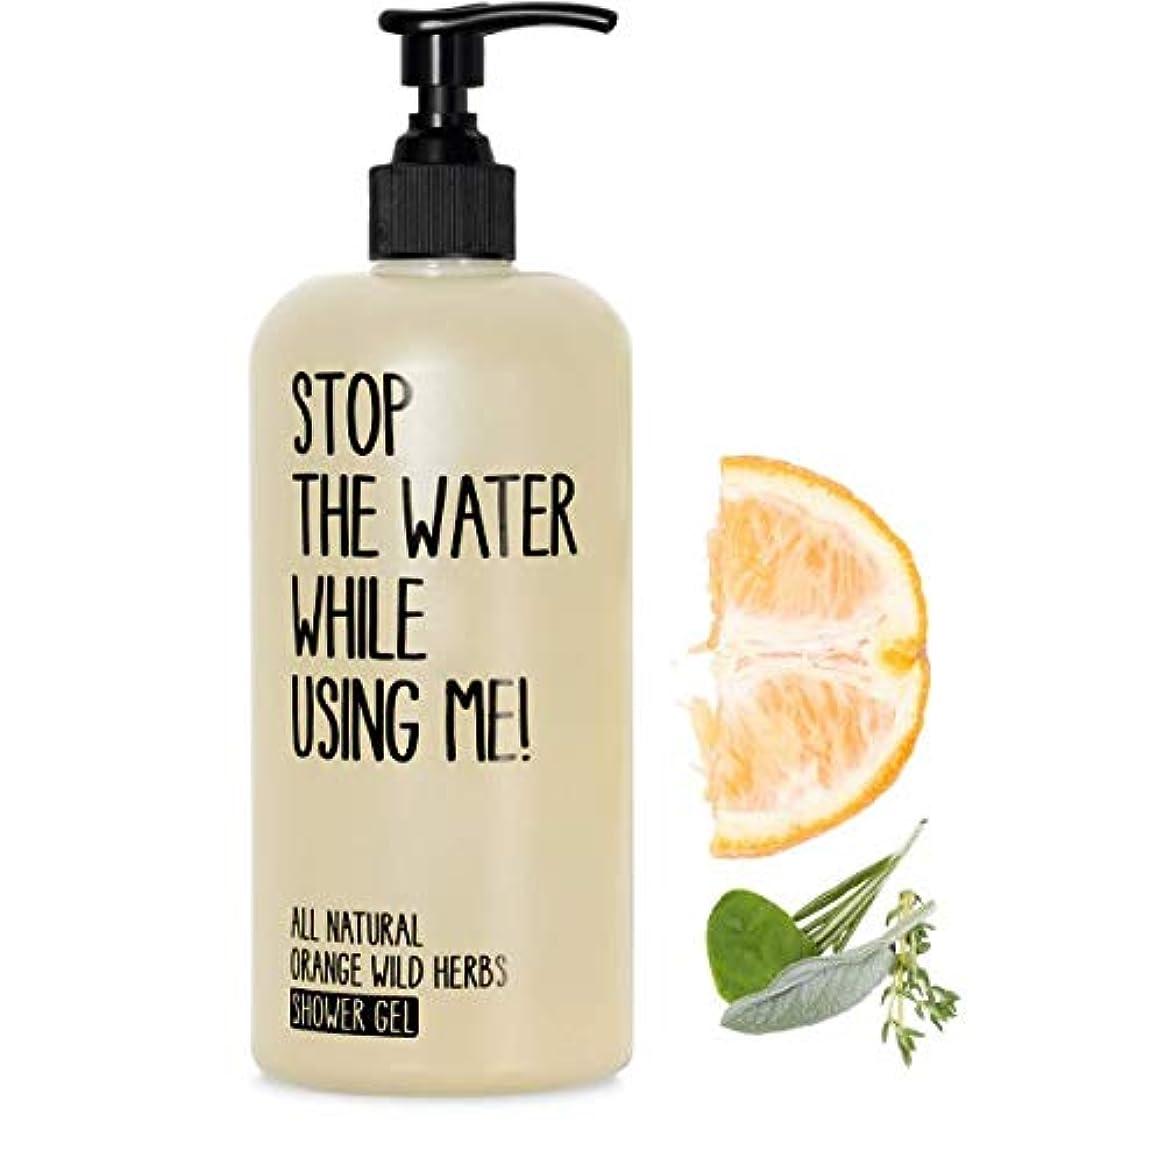 視力契約した運命的な【STOP THE WATER WHILE USING ME!】 O&WHシャワージェル(オレンジ&ワイルドハーブ) 200ml